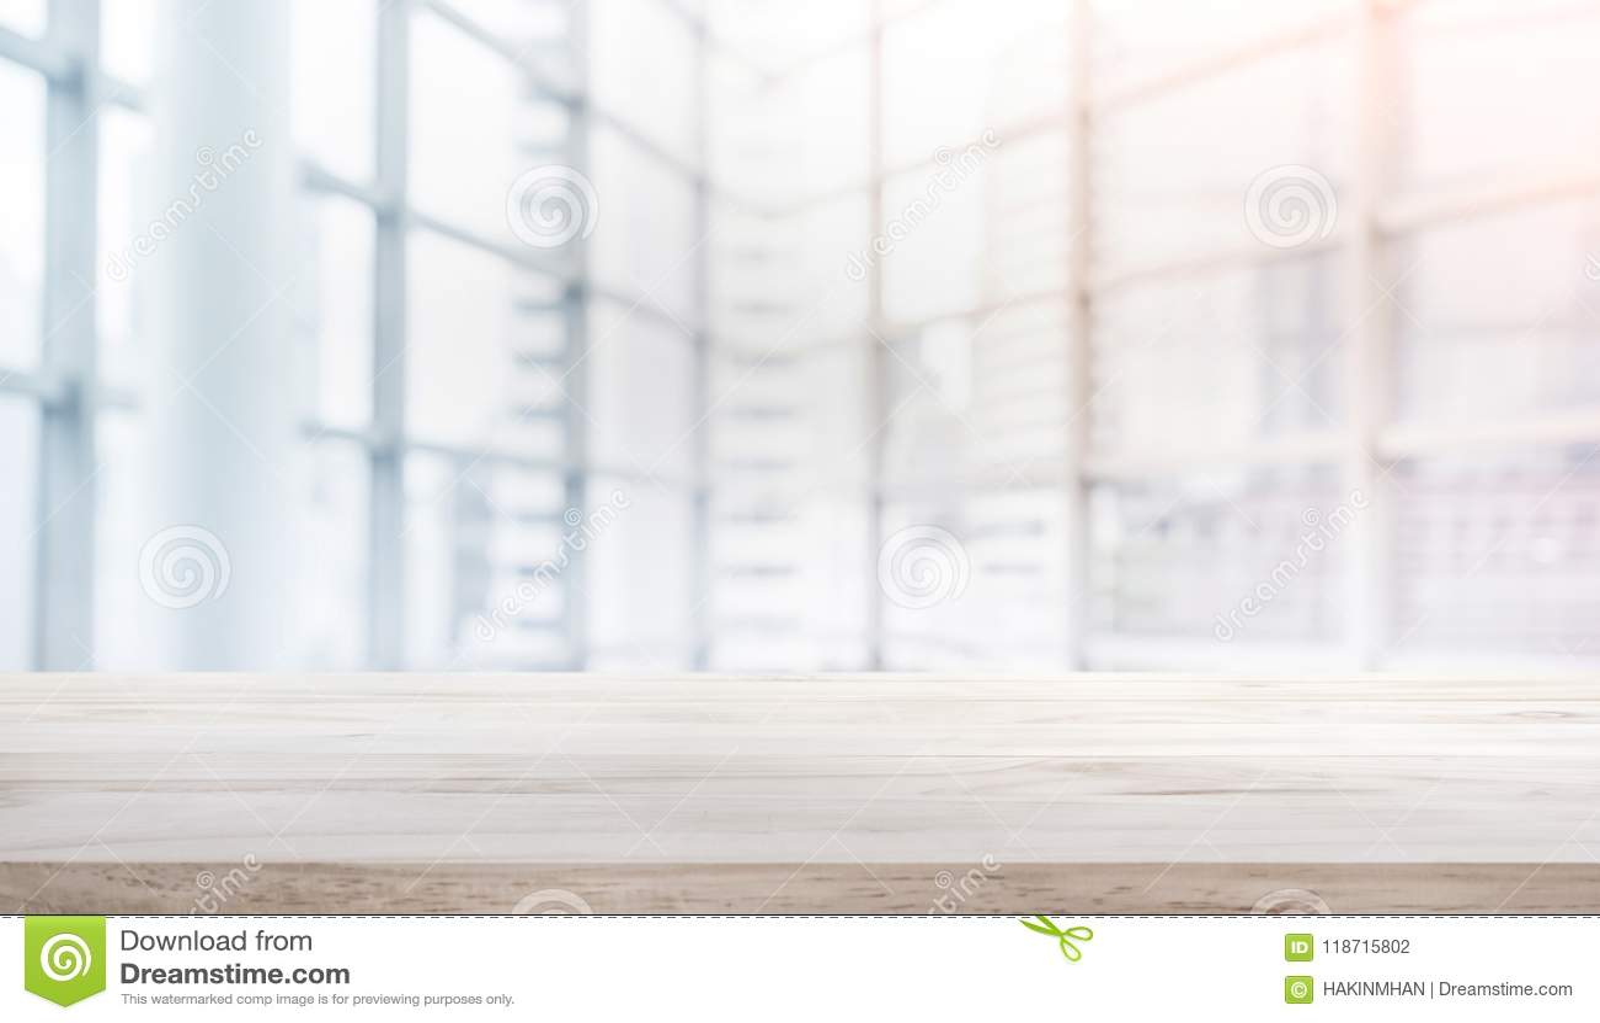 Houten lijstbovenkant op het venster van het achtergrond onduidelijk beeld wit glas vormbureau